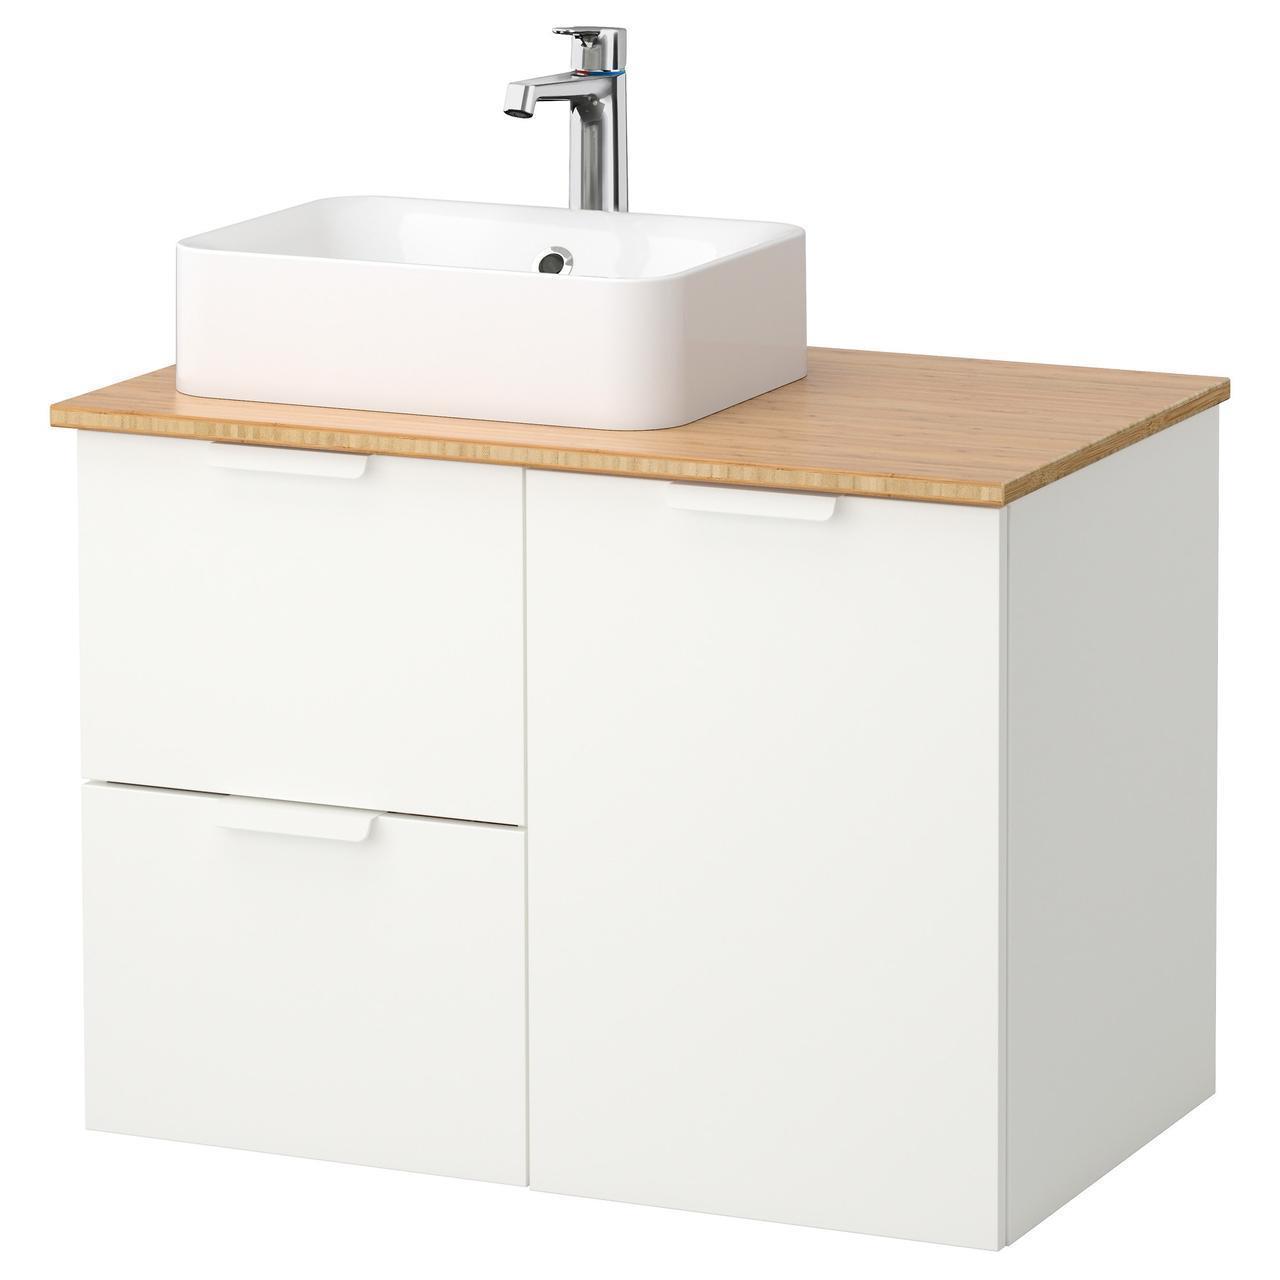 IKEA GODMORGON/TOLKEN/HORVIK Шкаф под умывальник с раковиной 45x32, белый, бамбук  (092.083.07)